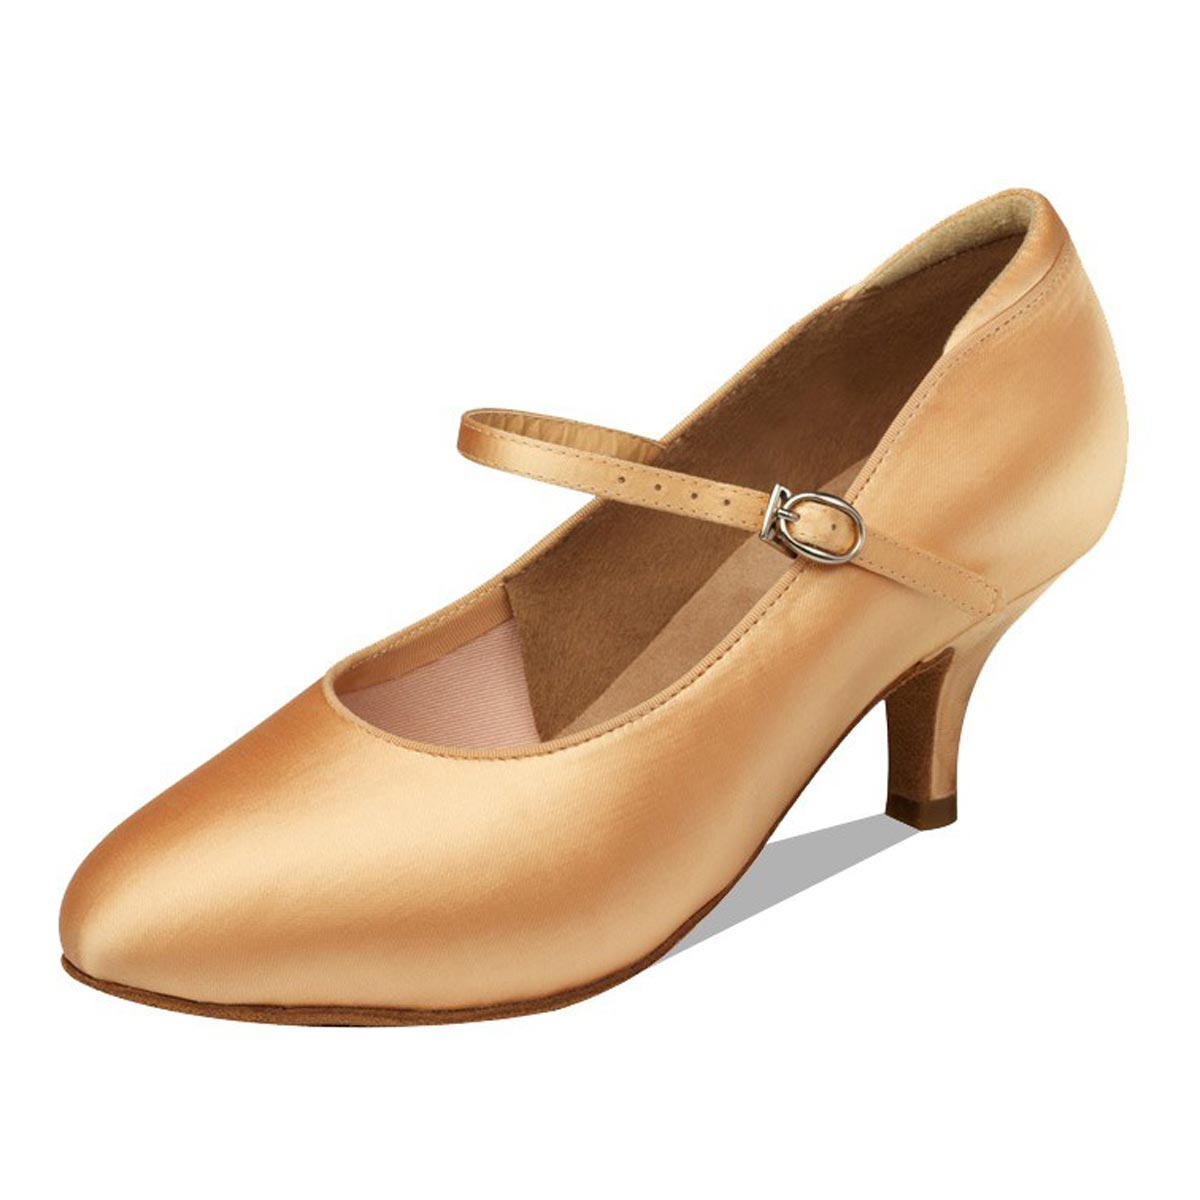 7012 Ballroom Shoe